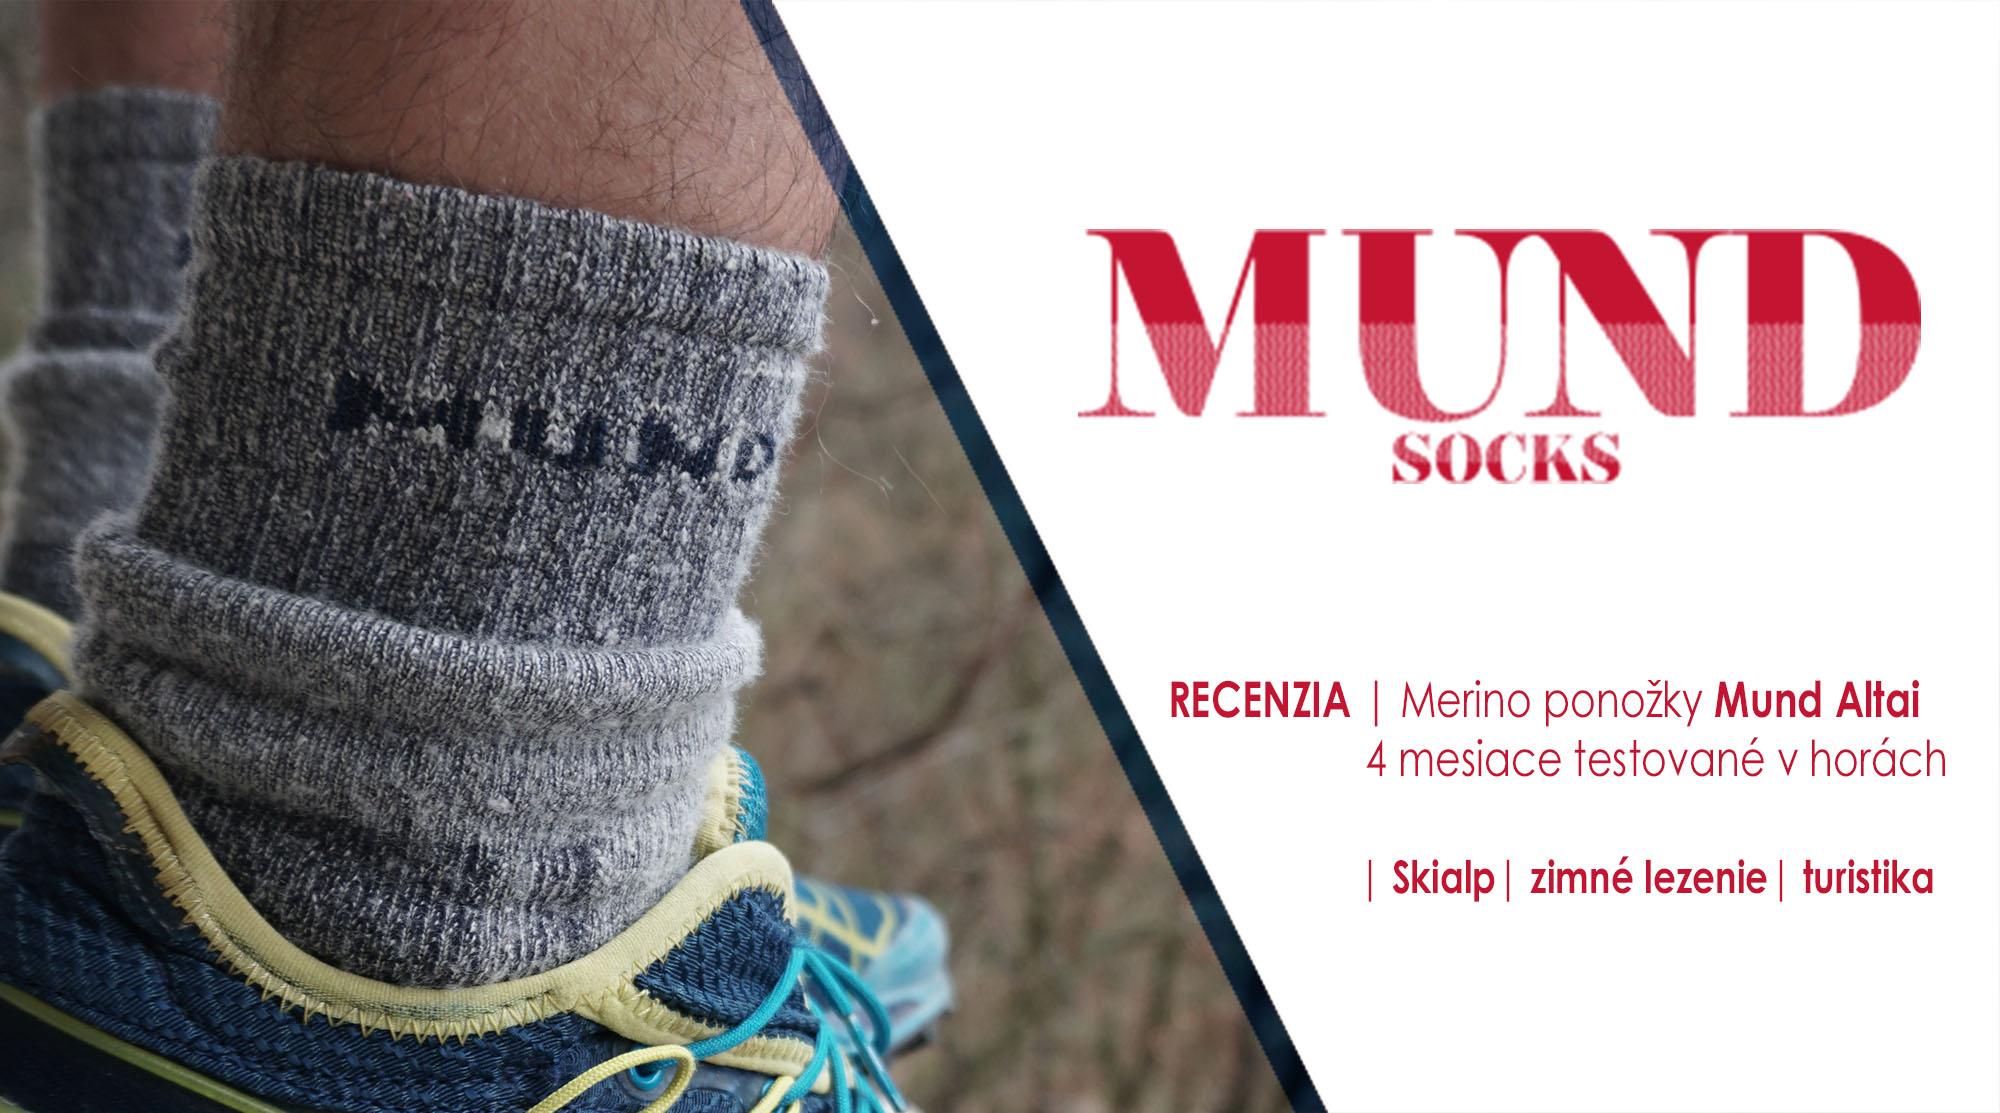 67f691423a Ponožky z Merino vlny Mund Altai · Outdoor recenzie